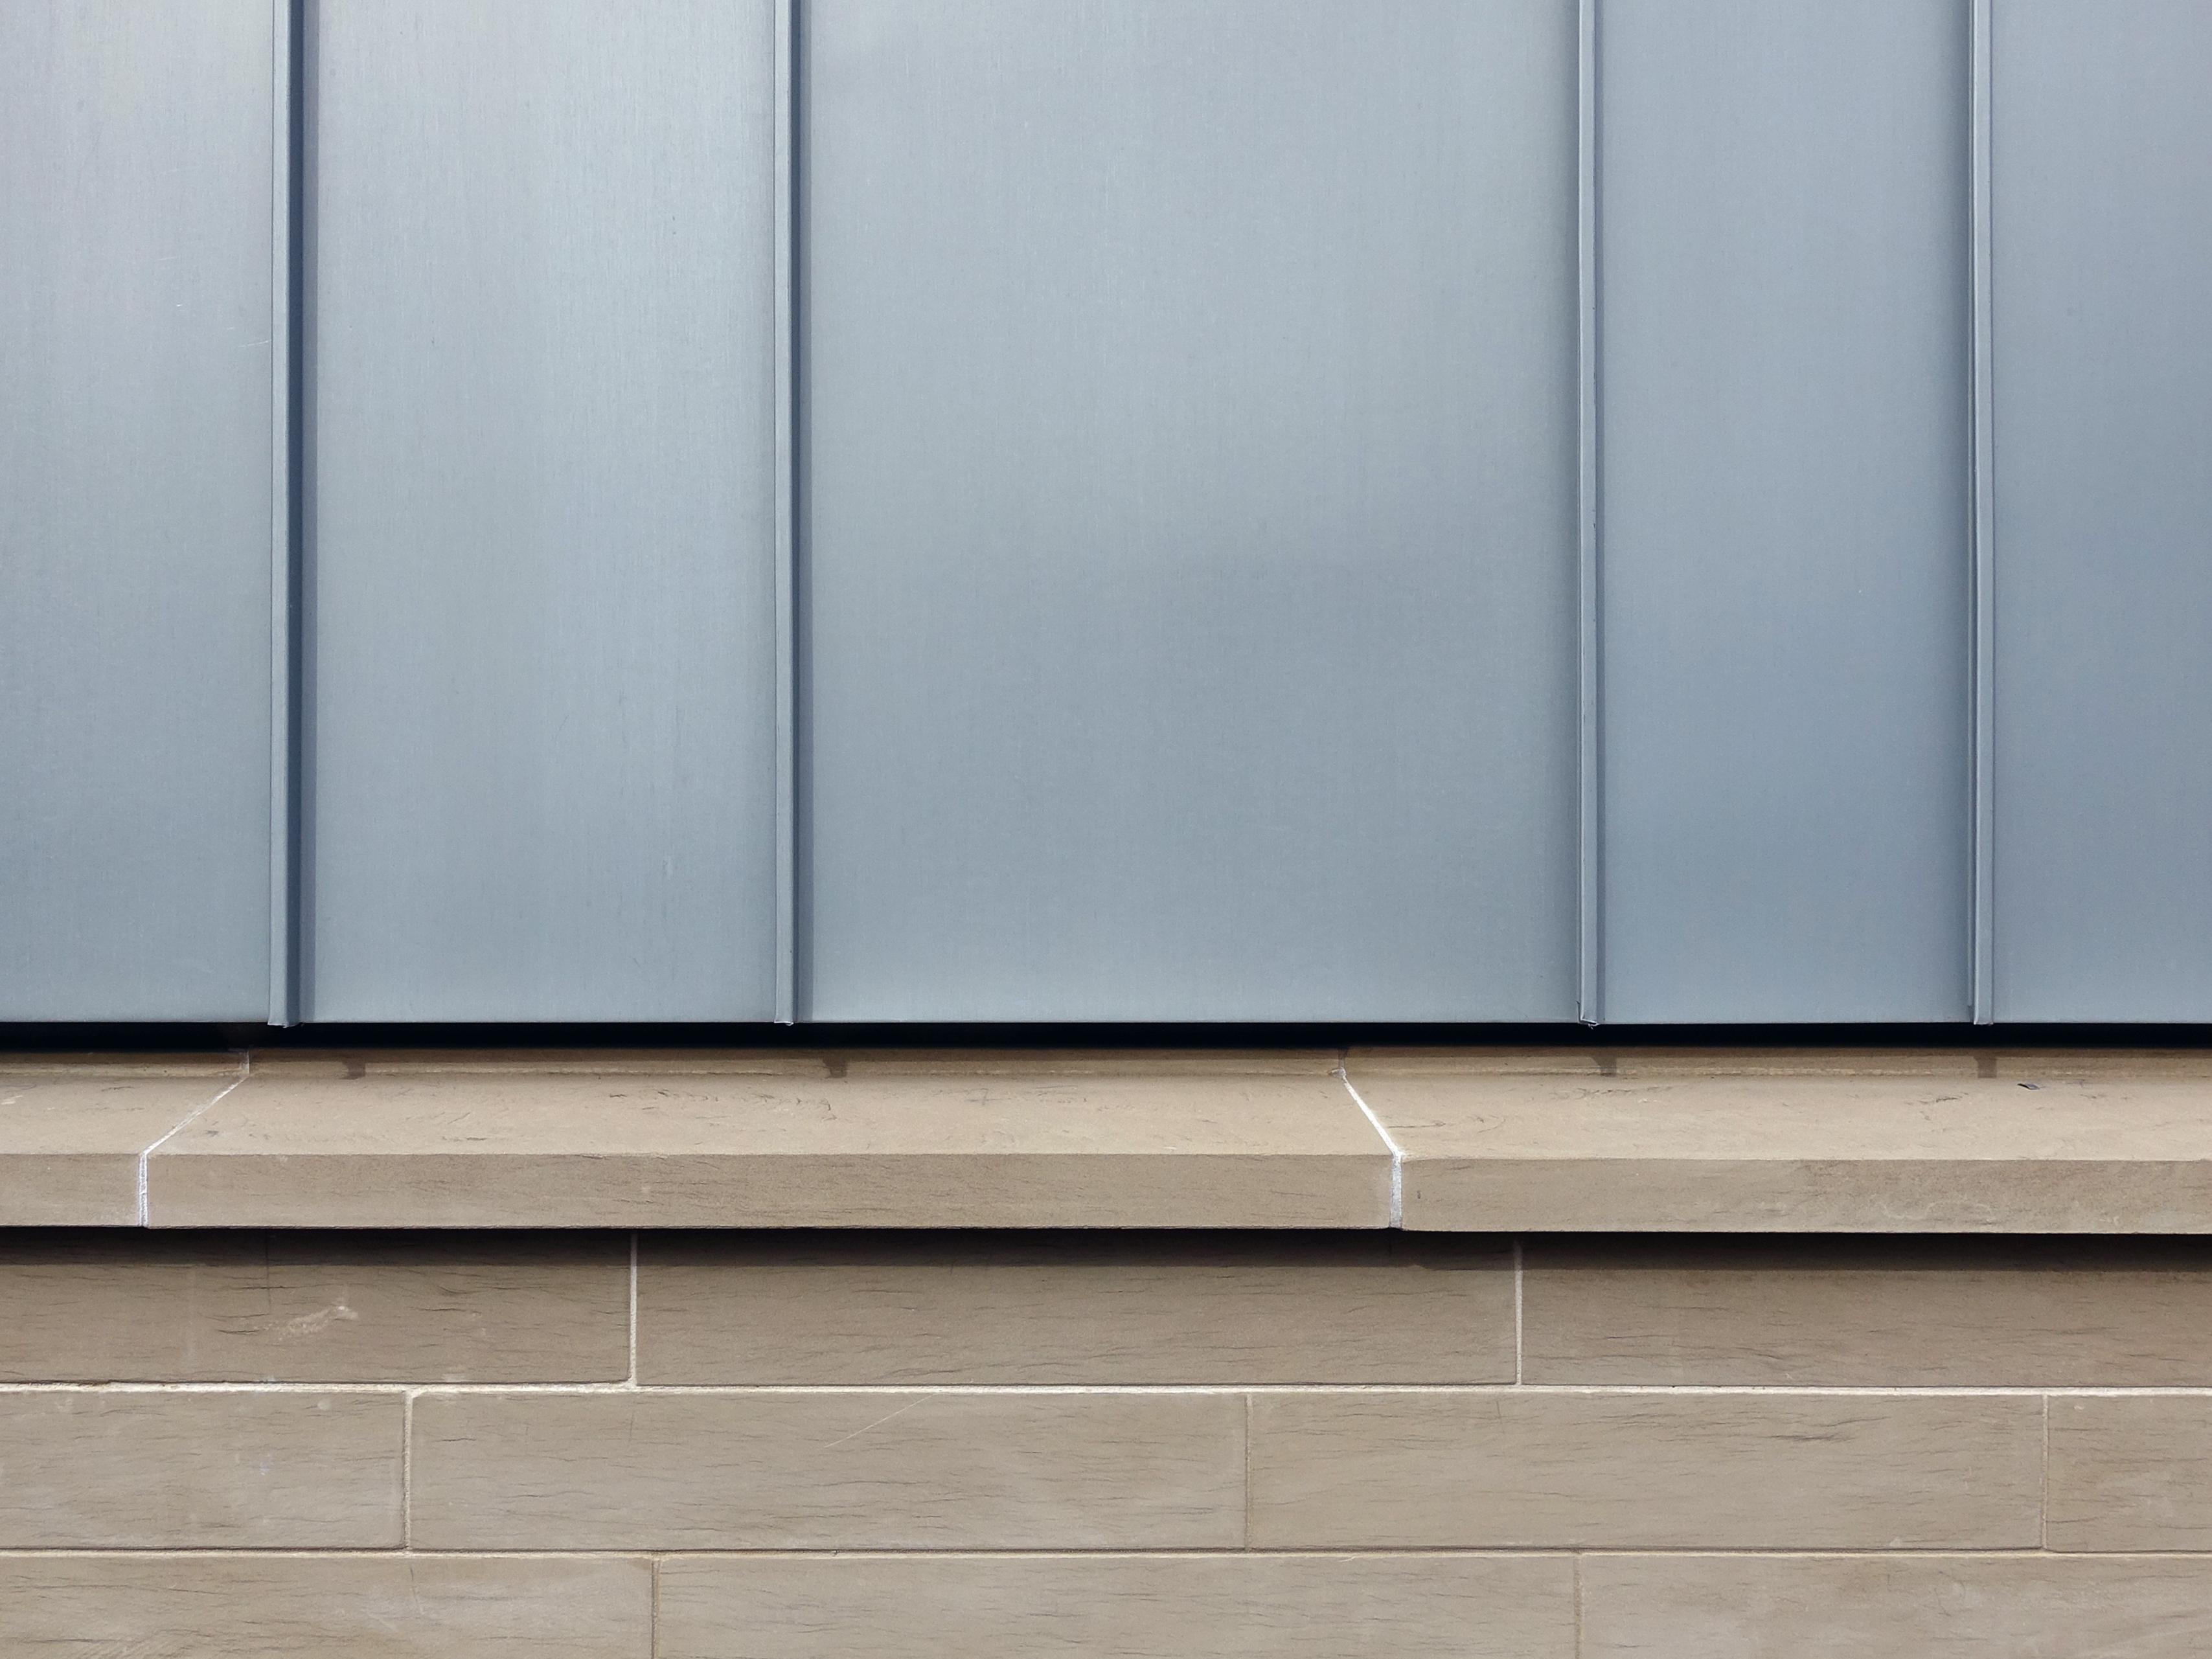 Gemeindehaus Dahenfeld, Detail Fassade - Stehfalz trifft Sandstein